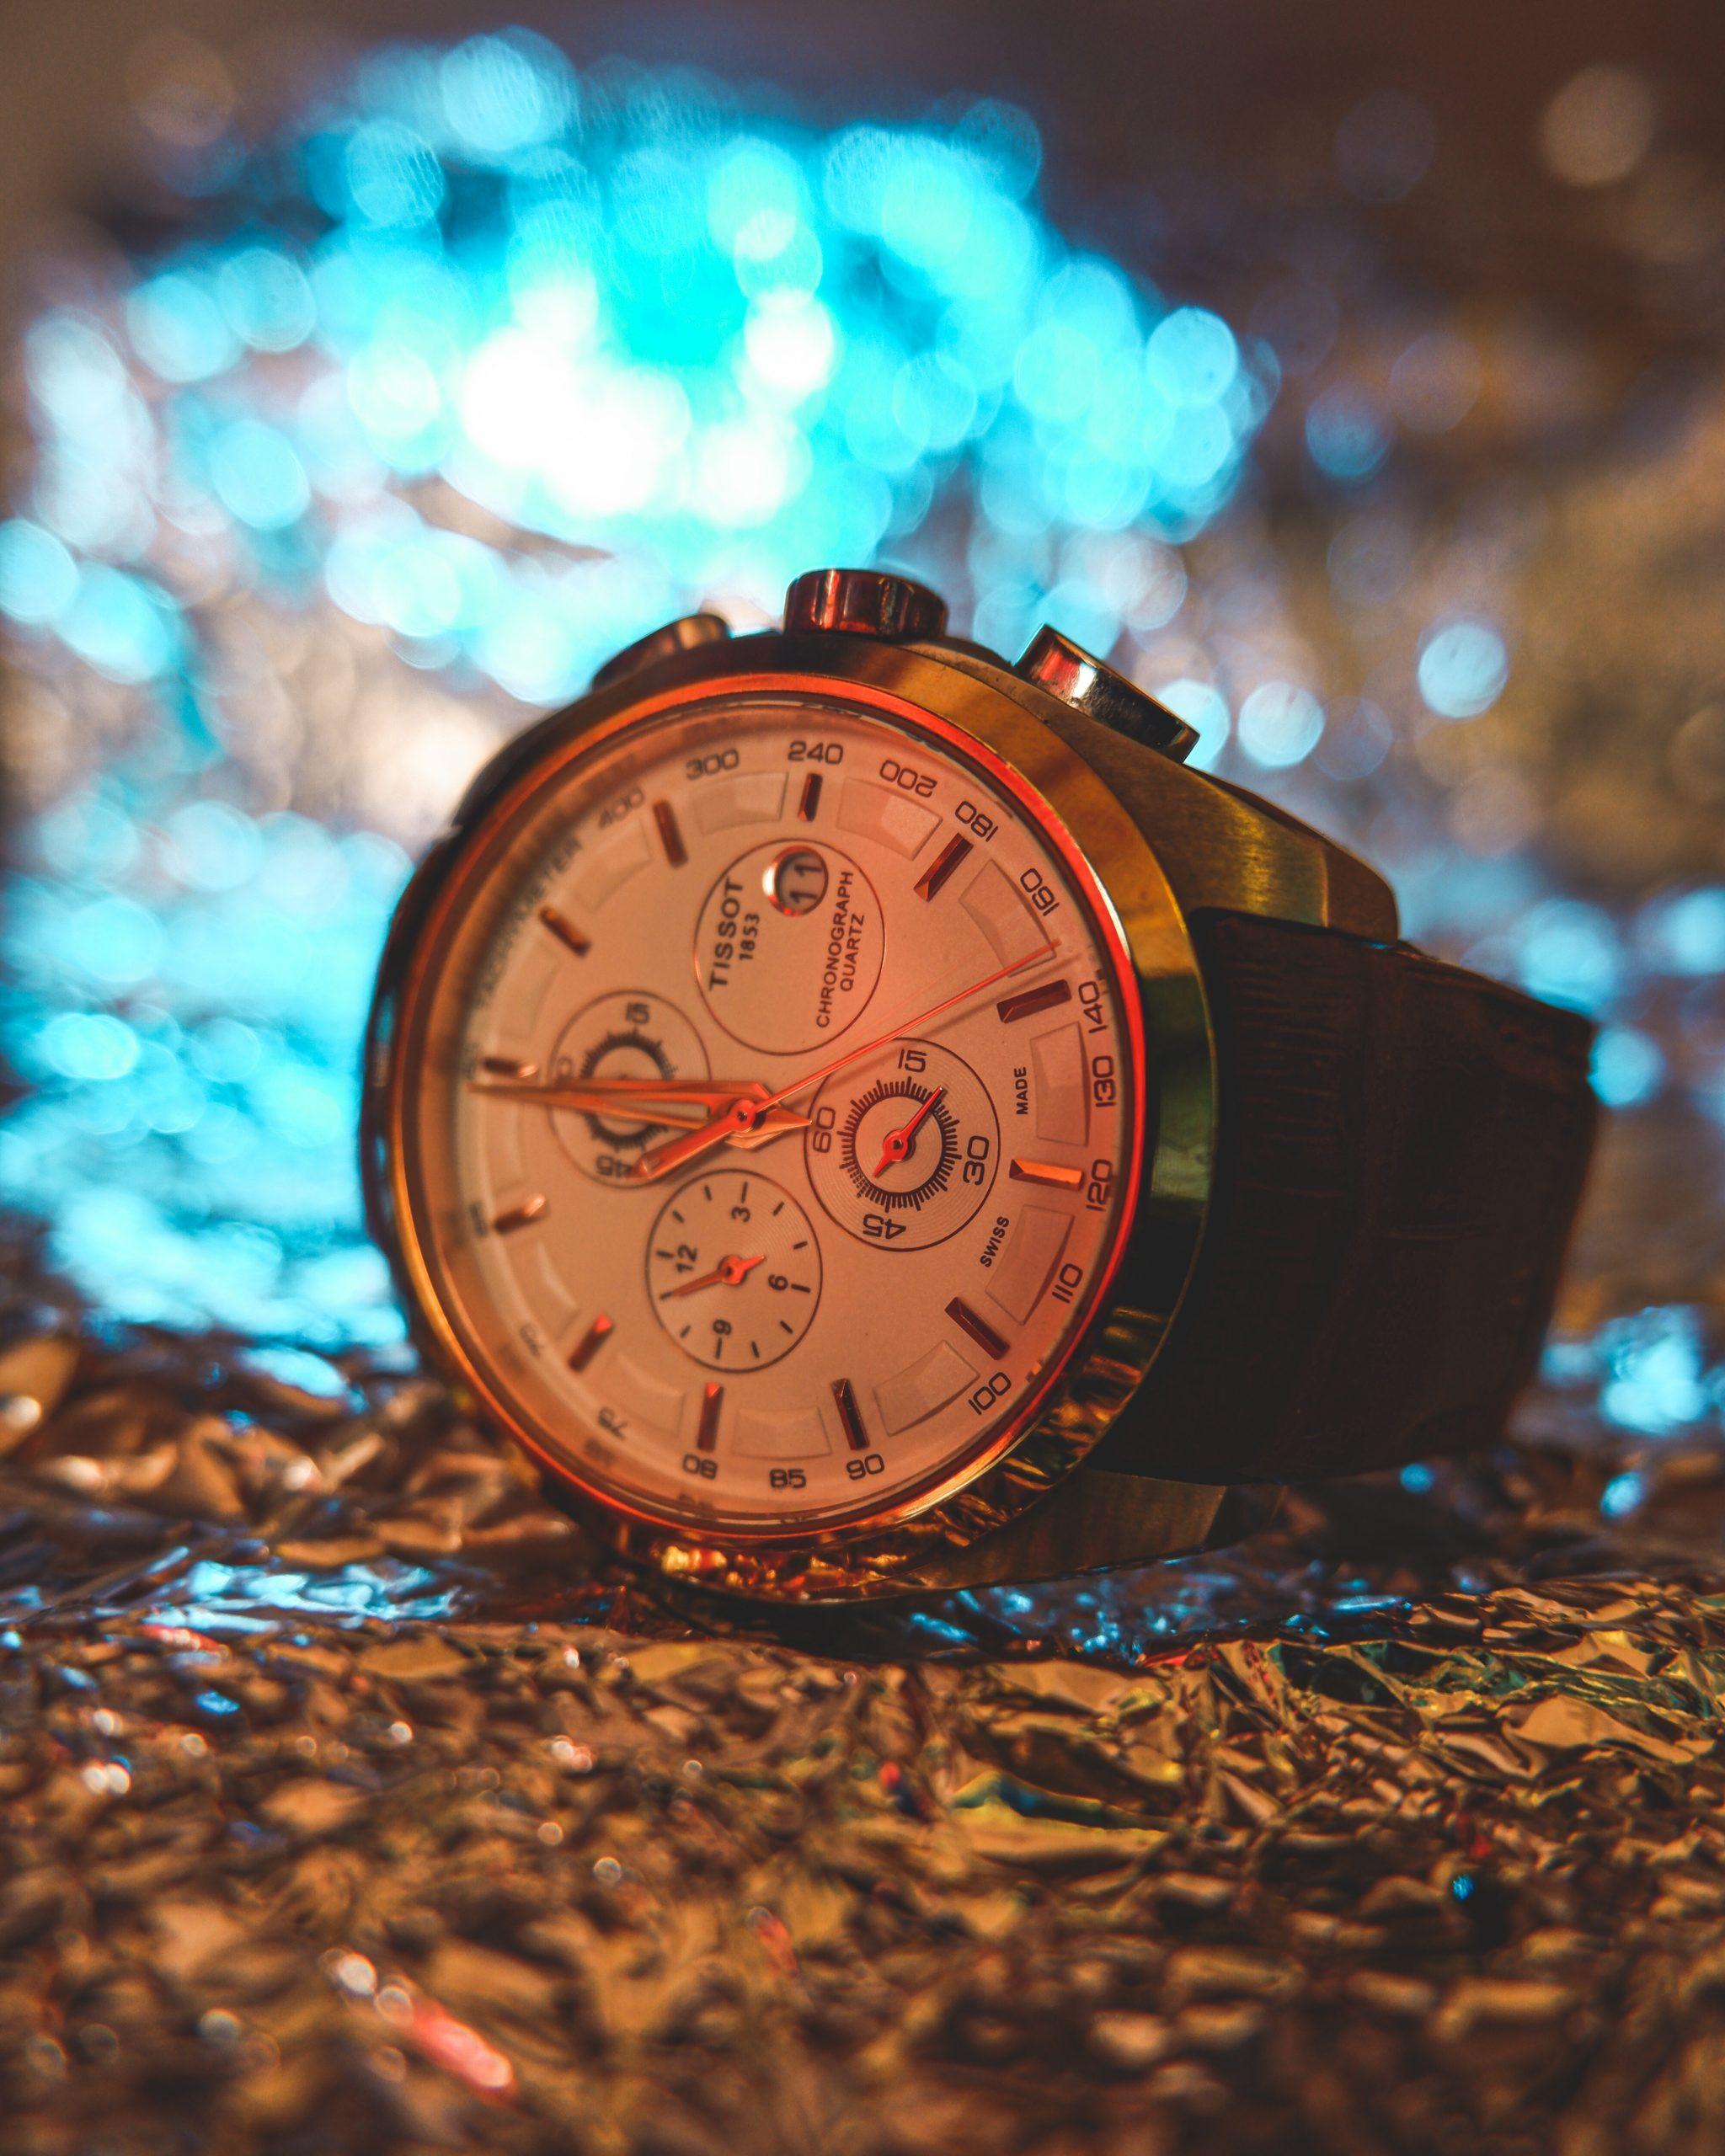 A wrist watch